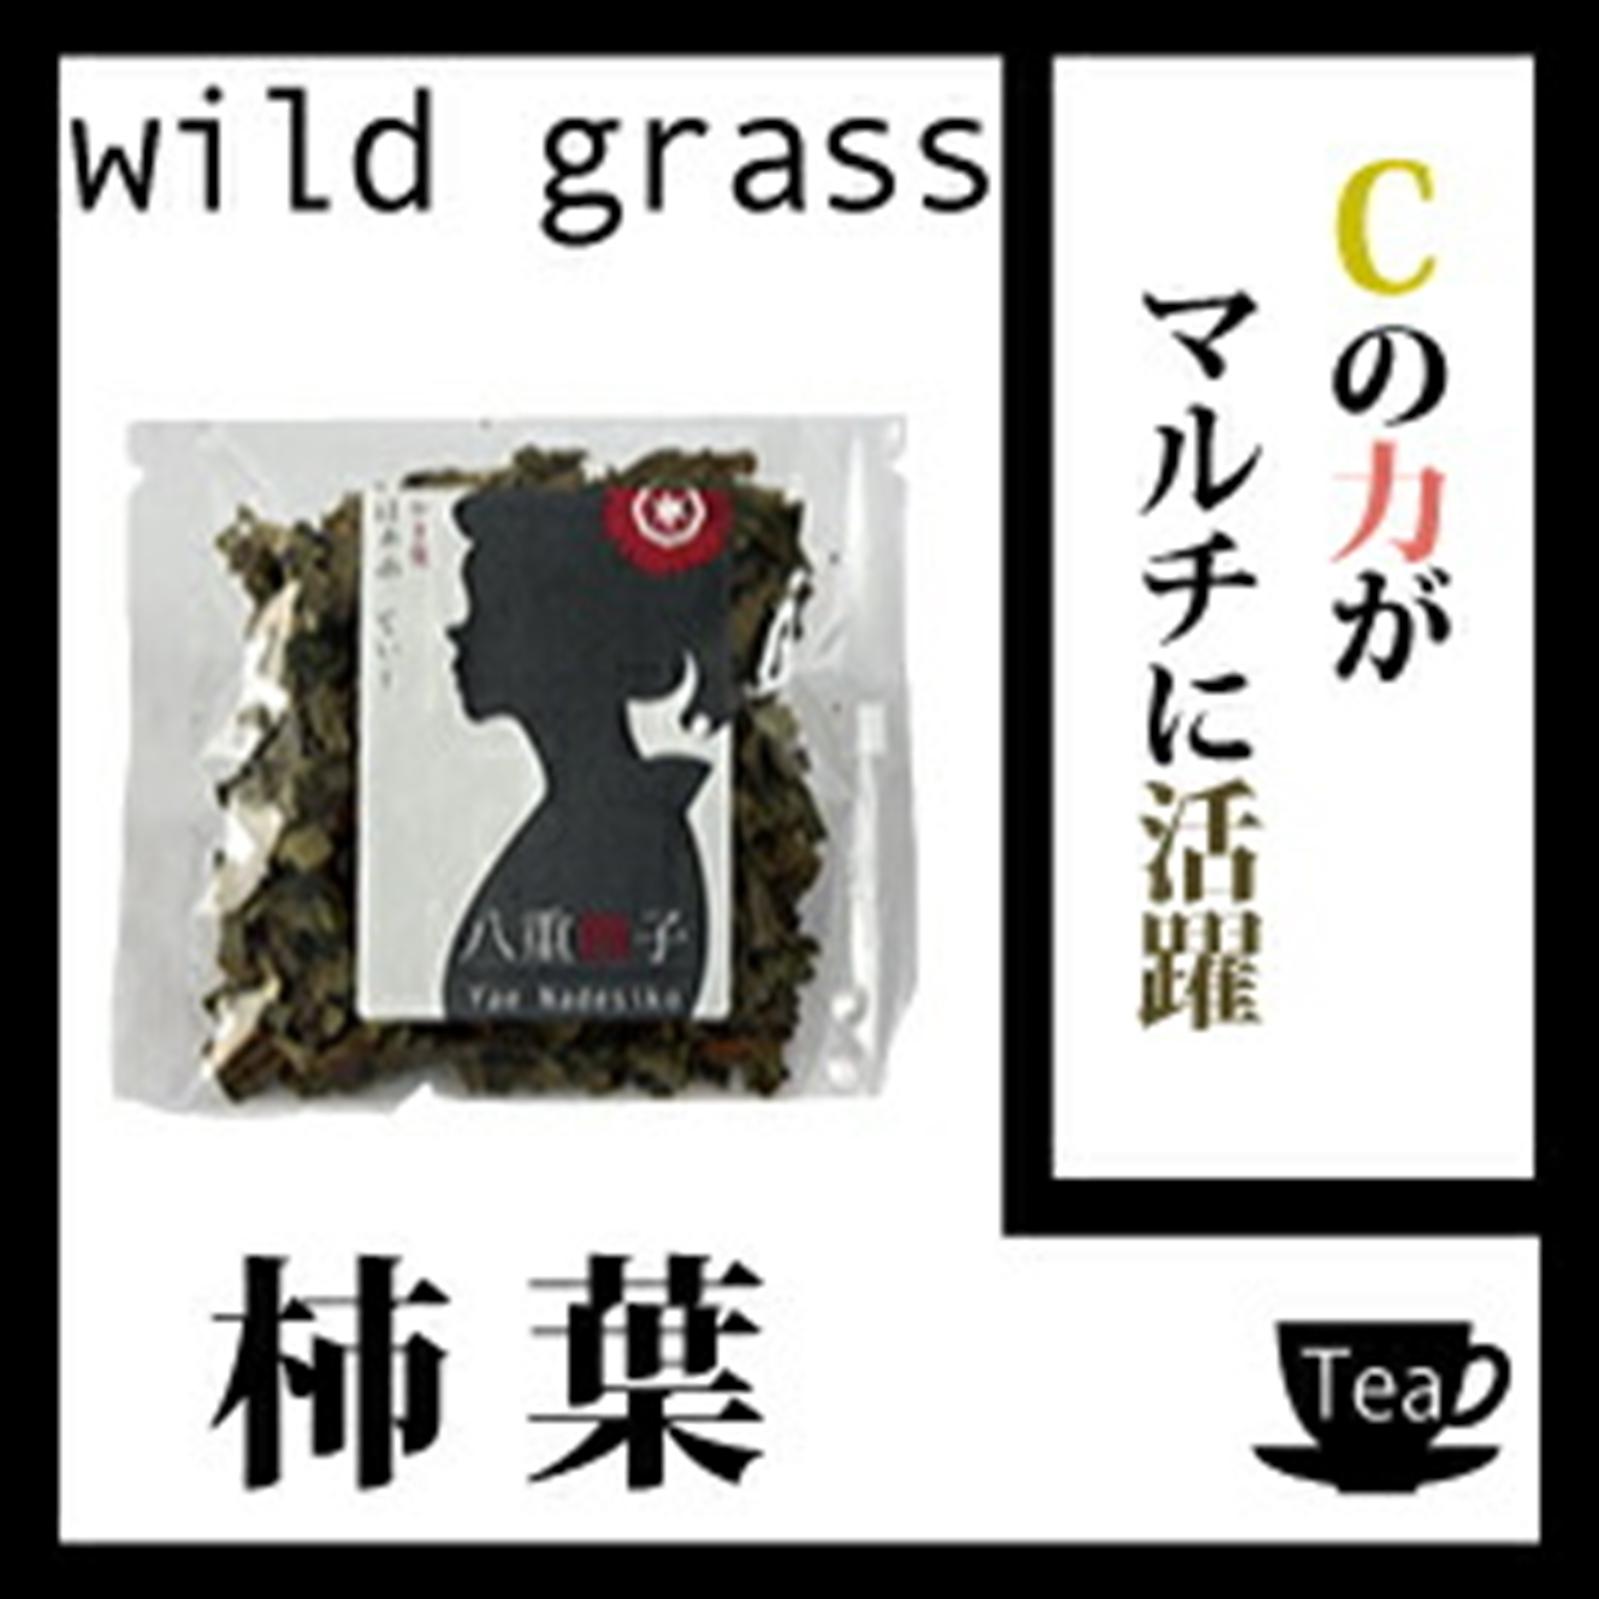 柿葉茶100g Cの力がマルチに活躍!【美容茶】【健康茶/お茶】柿葉茶(かきのは茶)OM